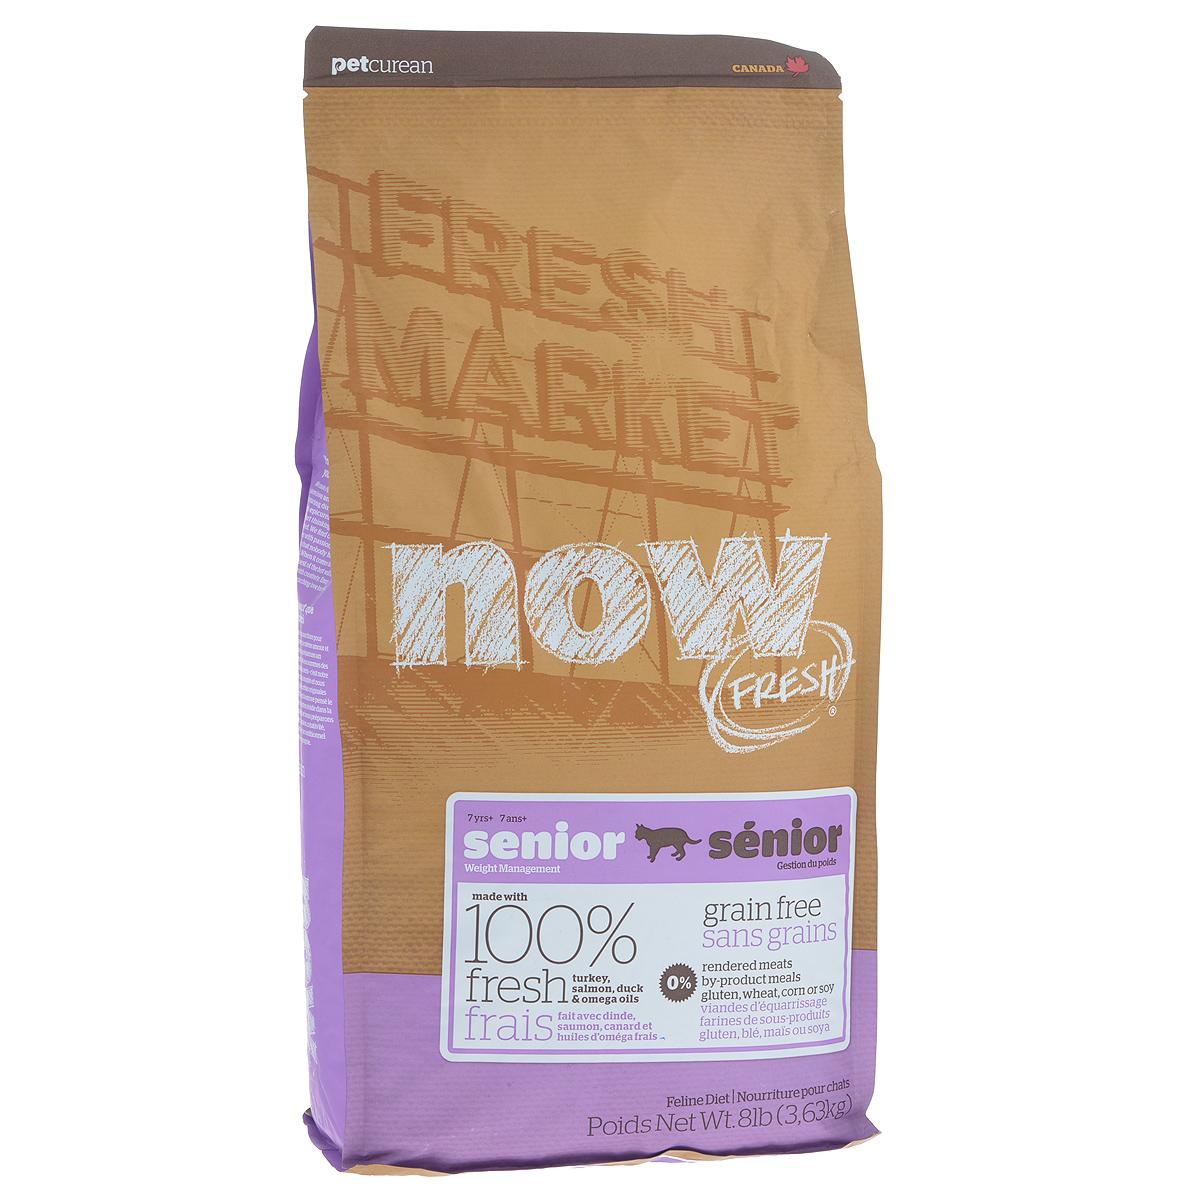 Корм сухой Now Fresh Контроль веса для кошек, беззерновой, с индейкой, уткой и овощами, 3,63 кг20047Now Fresh Контроль веса - полностью сбалансированный холистик корм из филе индейки и утки, выращенных на канадских фермах, из лосося без костей, выловленного в озерах Британской Колумбии. Рекомендован для кошек старше 7 лет, и взрослых (1-6 лет) - склонных к полноте. При производстве кормов используется только свежее мясо индейки, утки, лосося, кокосовое и рапсовое масло. Ключевые преимущества: - полностью беззерновой, - не содержит субпродуктов, красителей, говядины, мясных ингредиентов, выращенных на гормонах, - оптимальное соотношение белков и жиров помогает кошке оставаться здоровым и сохранять отличную форму, - омега-масла в составе необходимы для здоровой кожи и шерсти, - пробиотики и пребиотики обеспечивают здоровое пищеварение, - таурин необходим для здоровья глаз и нормального функционирования сердечной мышцы, - антиоксиданты укрепляют иммунную систему. Состав: филе индейки, картофель, горох, свежие...